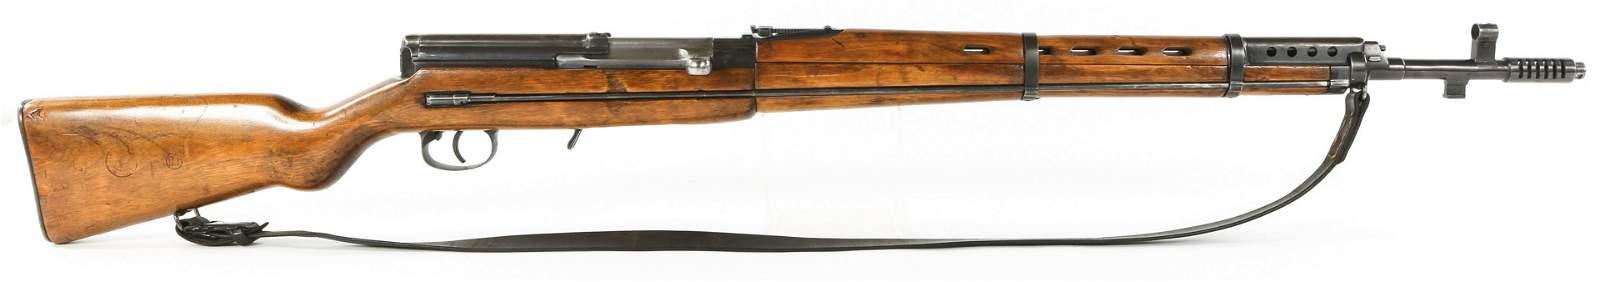 1940 SOVIET IZHEVSK TOKAREV SVT-38 RIFLE